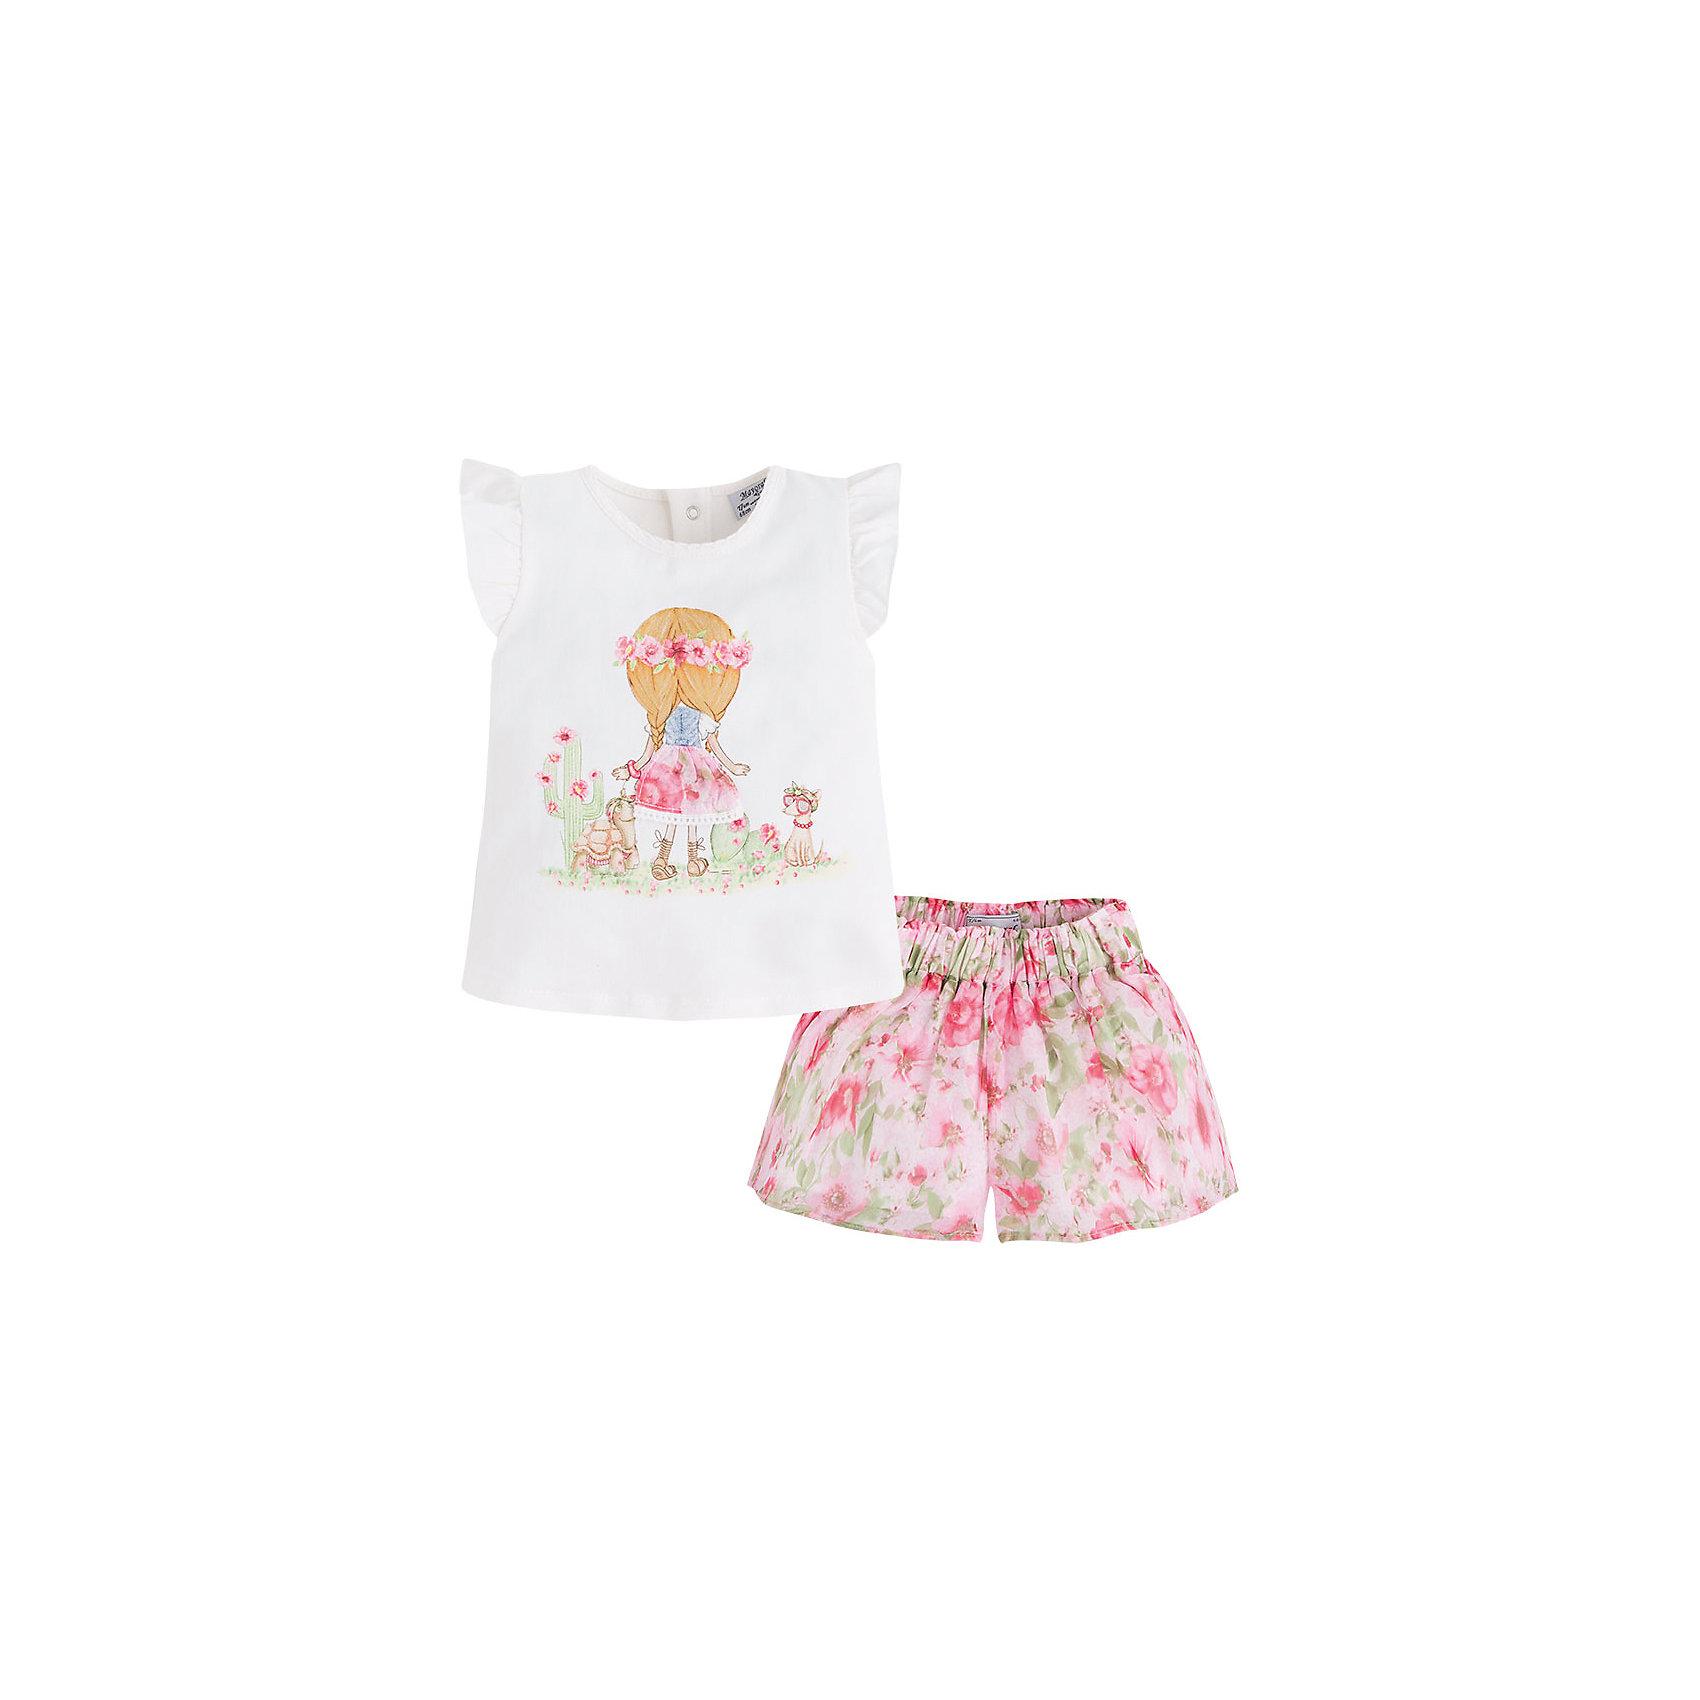 Комплект для девочки: футболка и юбка MayoralКомплект для девочки: футболка и шорты от известной испанской марки Mayoral - прекрасный вариант для жаркой погоды.<br><br>Дополнительная информация:<br><br>- Мягкая трикотажная ткань<br>- Округлый вырез горловины.<br>- Пройма декорирована оборками.<br>- Яркий принт. <br>- Футболка застегивается на кнопки на спине.<br>- Шорты на поясе с резинкой.<br>- Декорированы цветочным принтом.<br>- Состав: 98 % хлопок, 2 % эластан. <br><br>Комплект для девочки: футболку и шорты Mayoral (Майорал) можно купить в нашем магазине.<br><br>Ширина мм: 207<br>Глубина мм: 10<br>Высота мм: 189<br>Вес г: 183<br>Цвет: розовый<br>Возраст от месяцев: 9<br>Возраст до месяцев: 12<br>Пол: Женский<br>Возраст: Детский<br>Размер: 80,86,74,92<br>SKU: 4537986